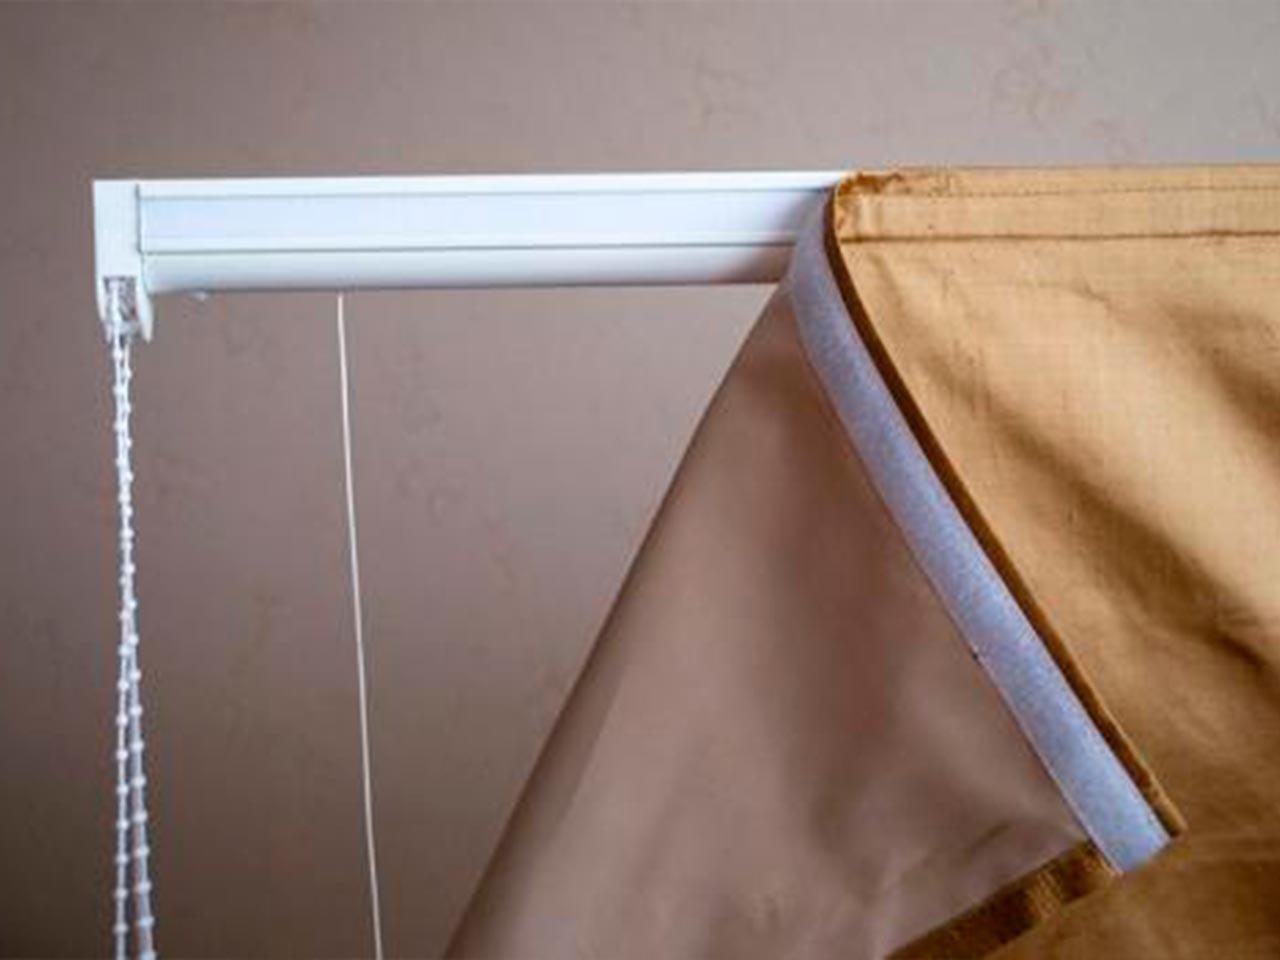 Карниз для римская штора своими руками пошаговая инструкция фото